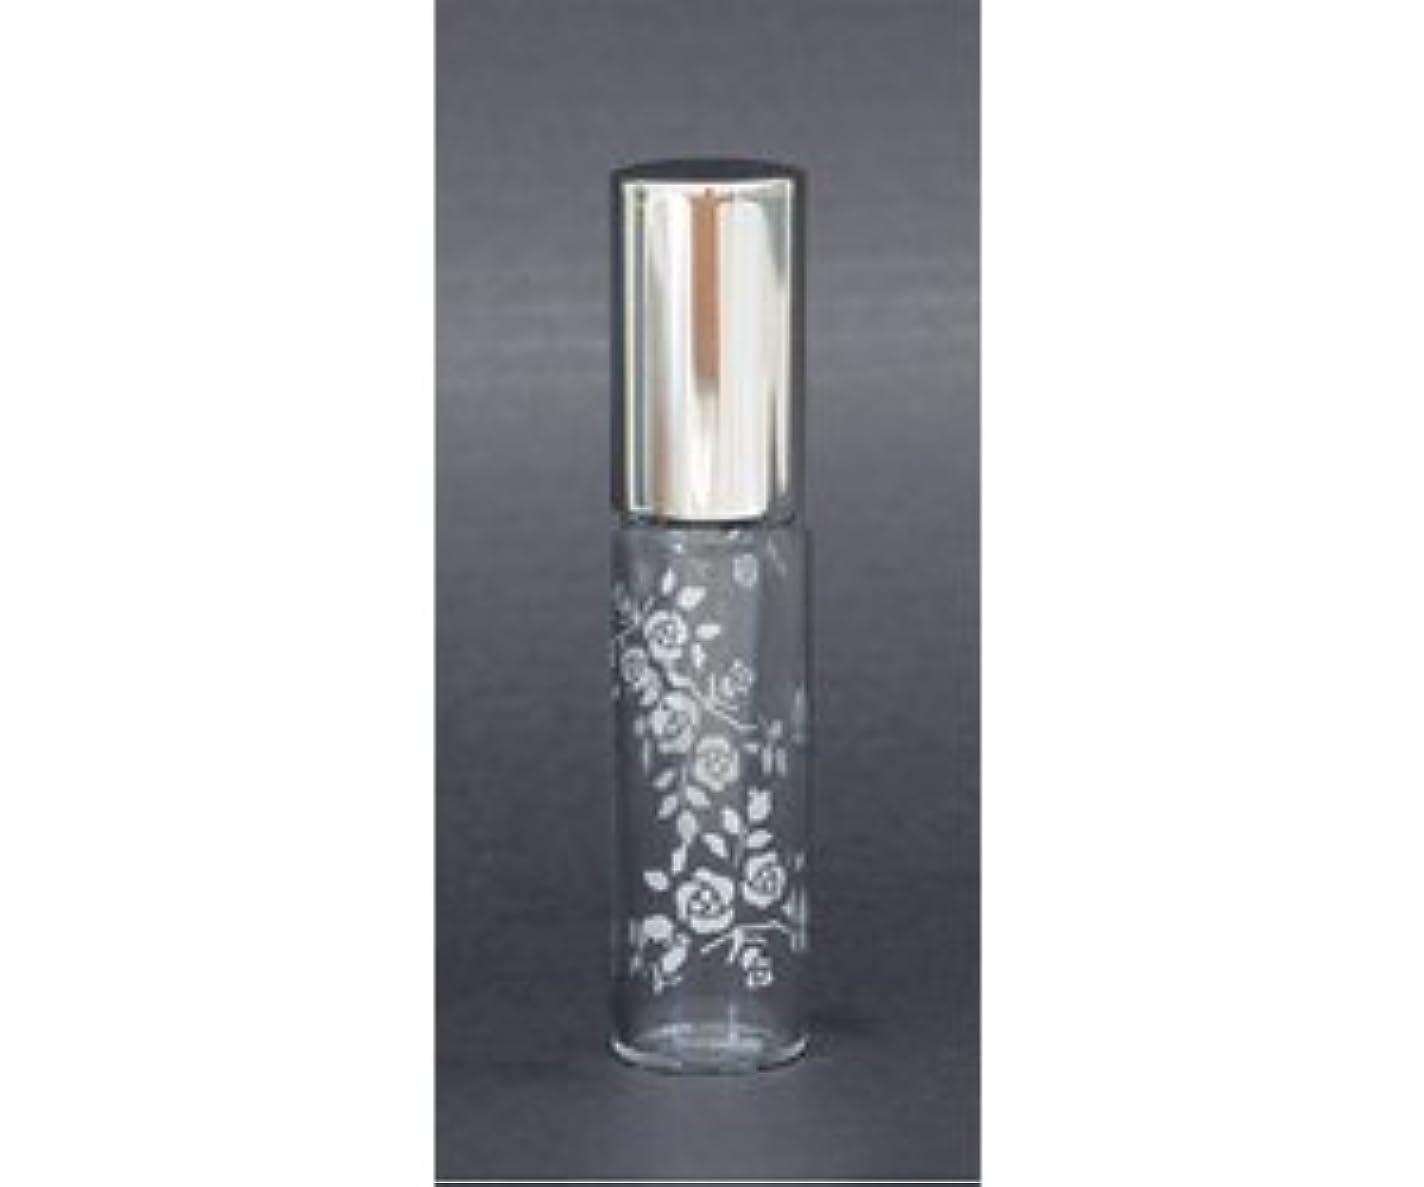 相関する引き出す山ヤマダアトマイザー コロプチ パフュームローラー 香水 携帯用 詰め換え用付属品入り 60714 アトマイザー